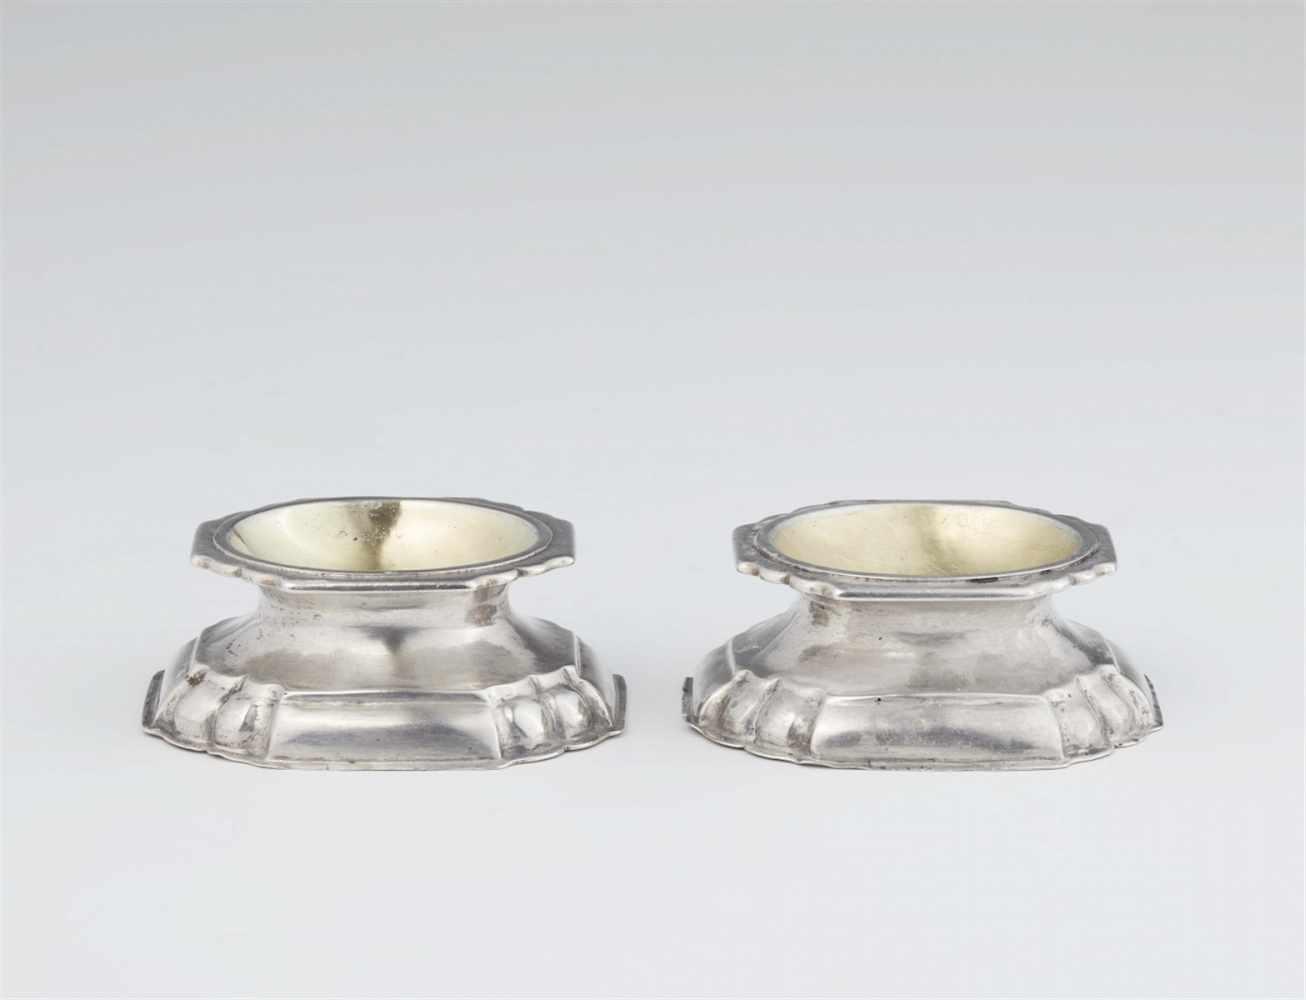 Lot 334 - A rare pair of Meiningen silver saltsInterior gilt rectangular salts with fluted decor. W 6.3; D 5